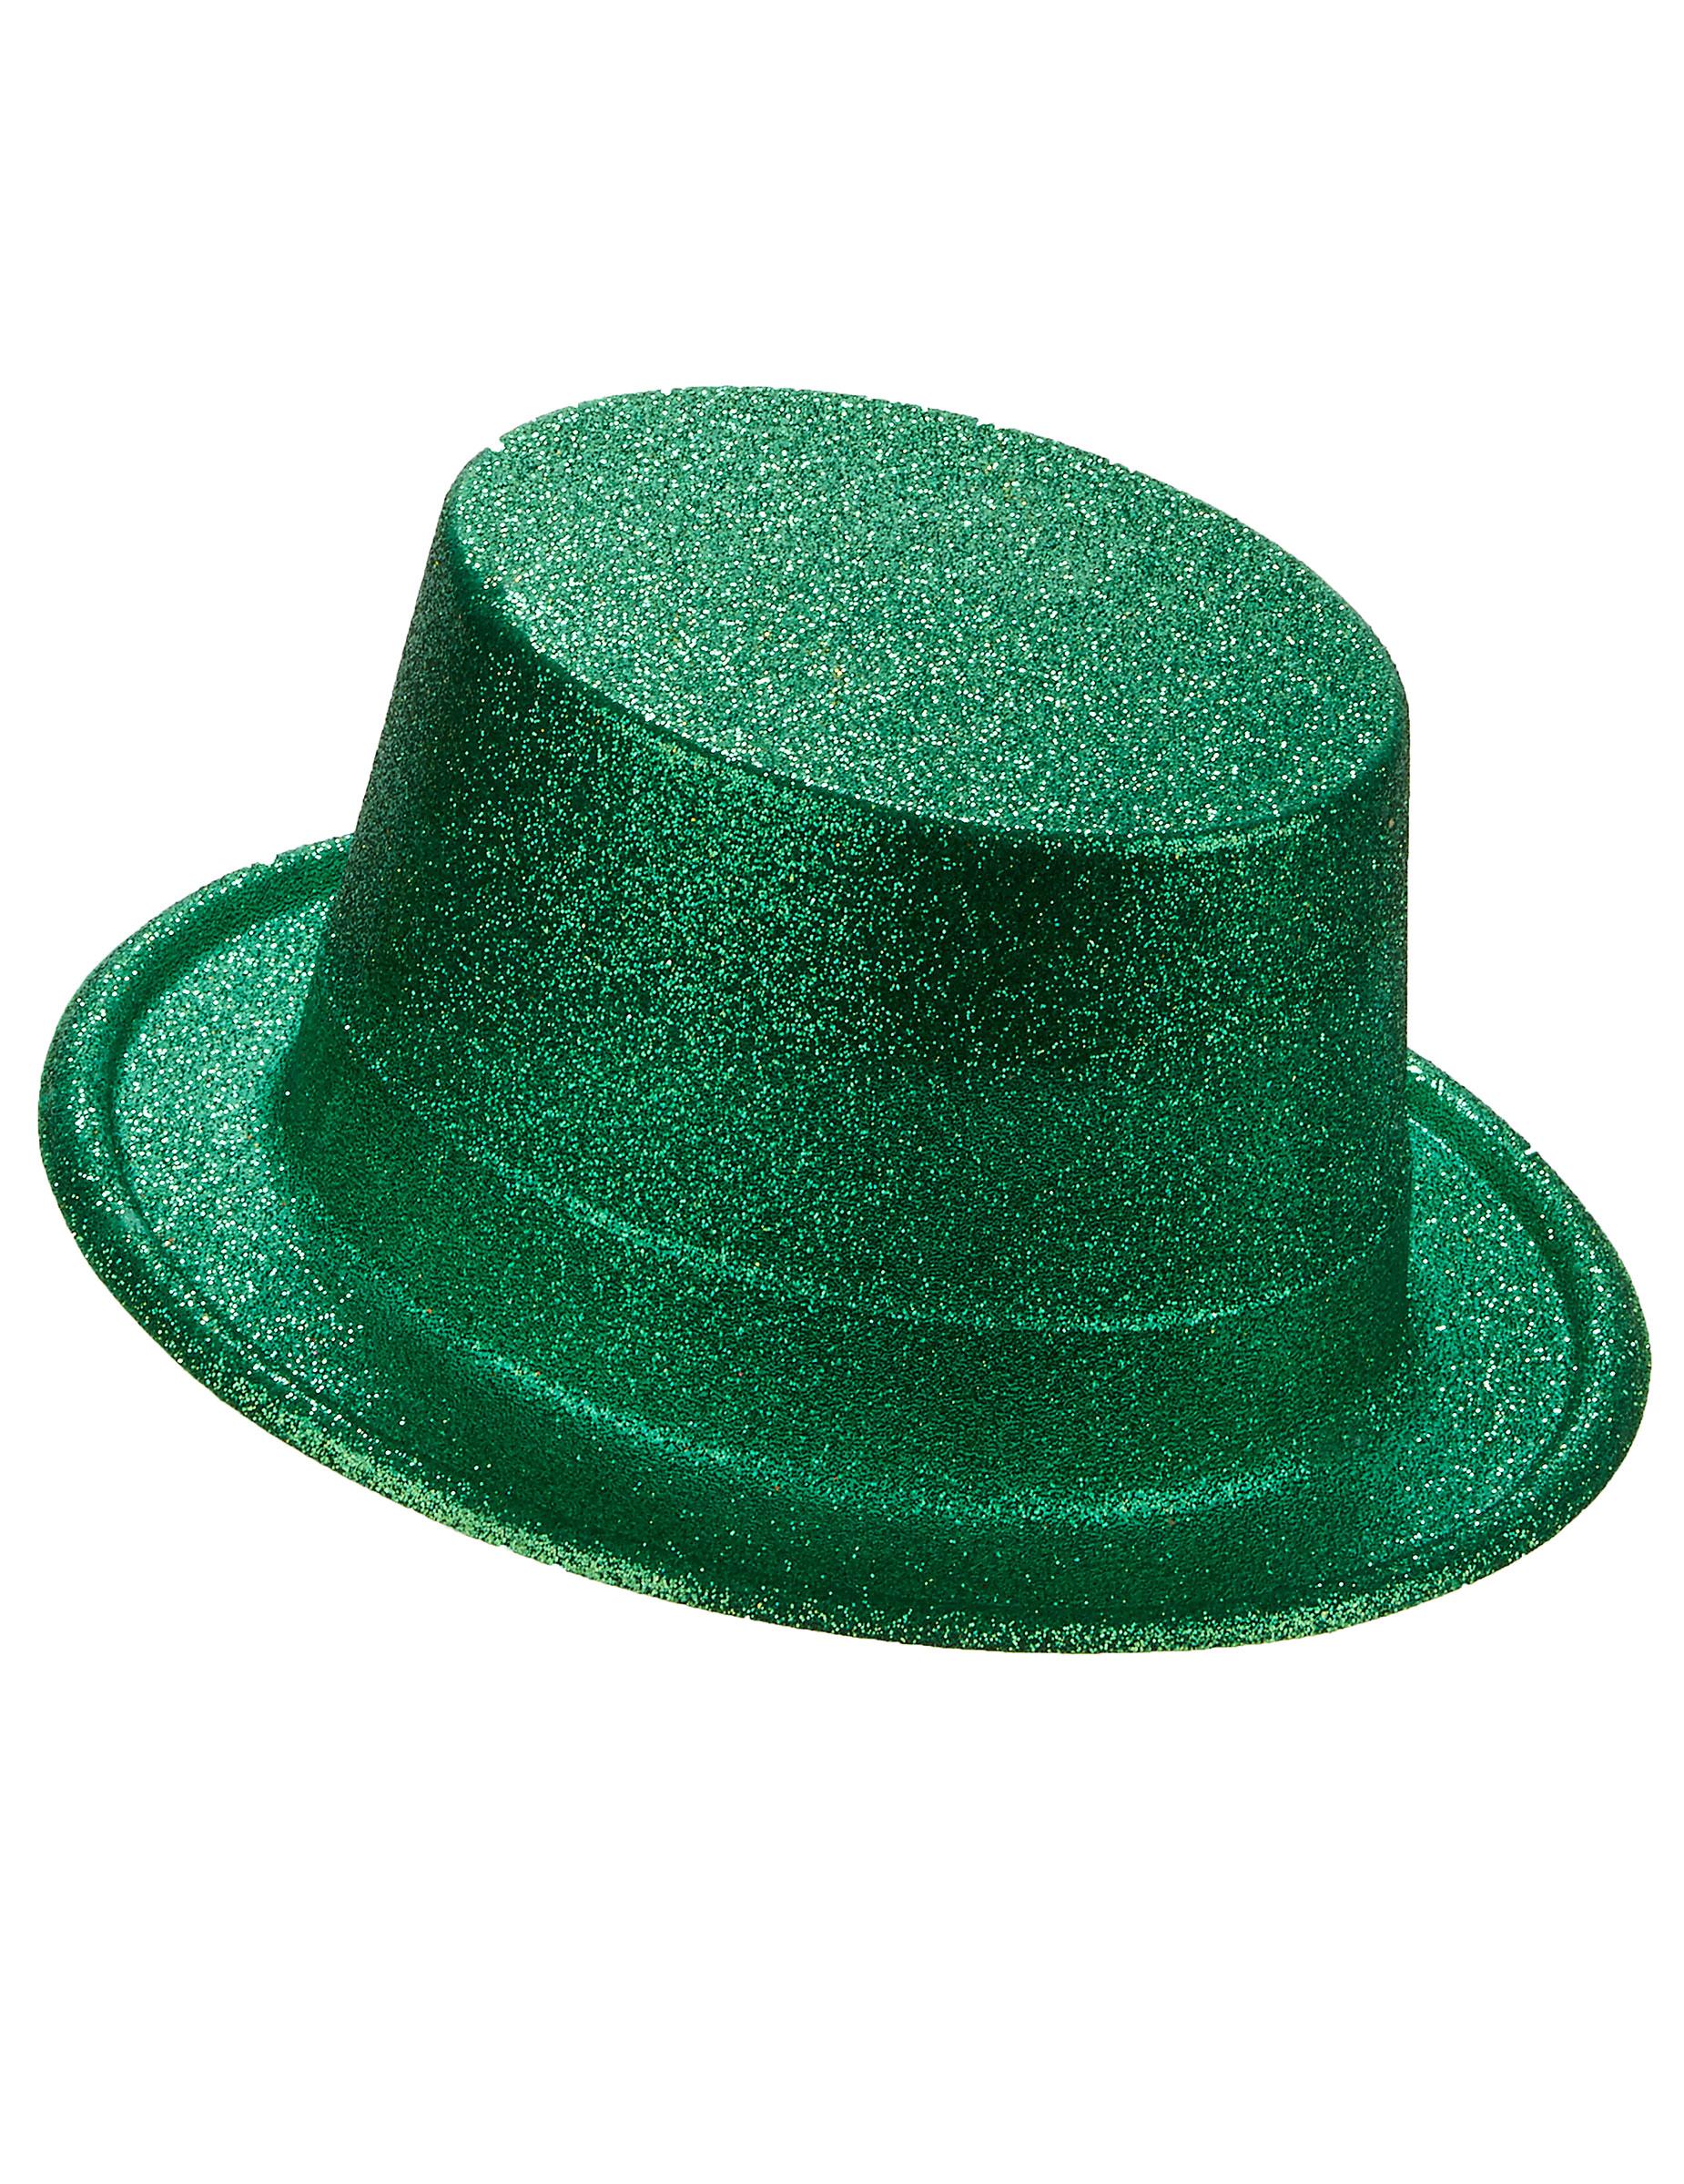 Sombrero de copa de plástico con brillantina verde adulto  Sombreros ... 920615c9a73